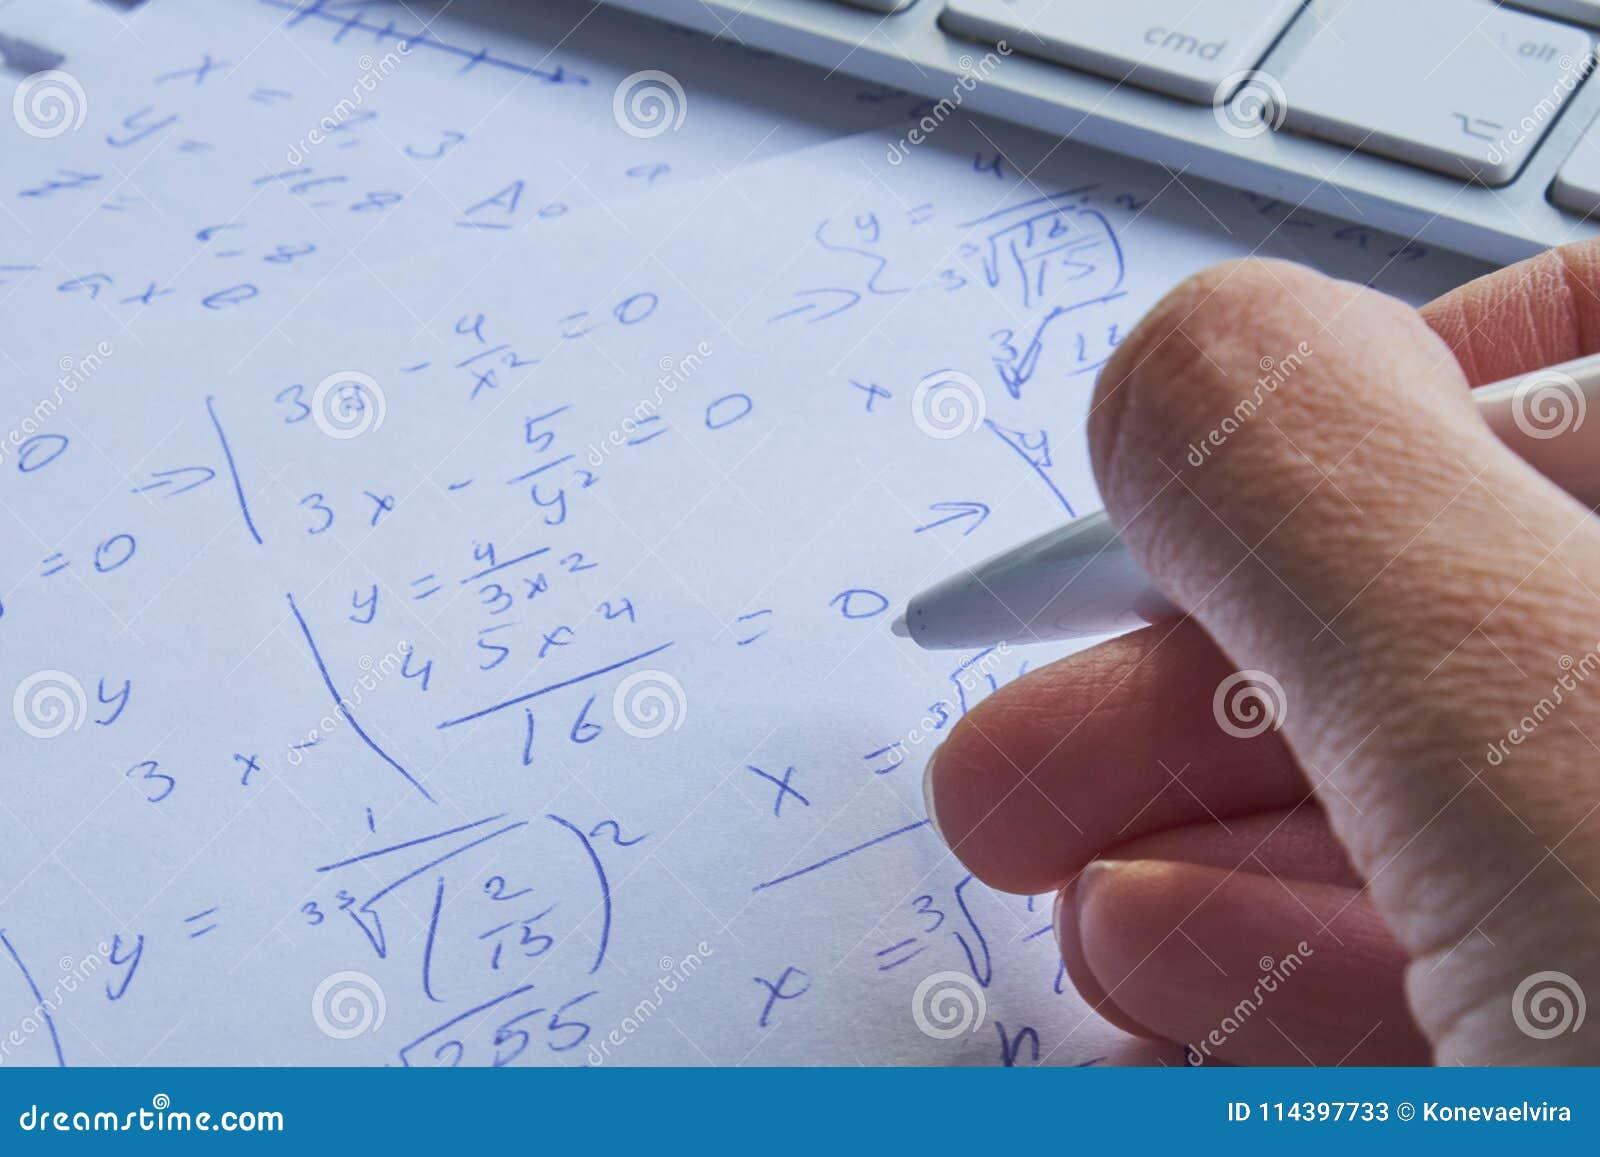 Excepcional Hoja De Cálculo De Dilataciones Con Respuestas Motivo ...